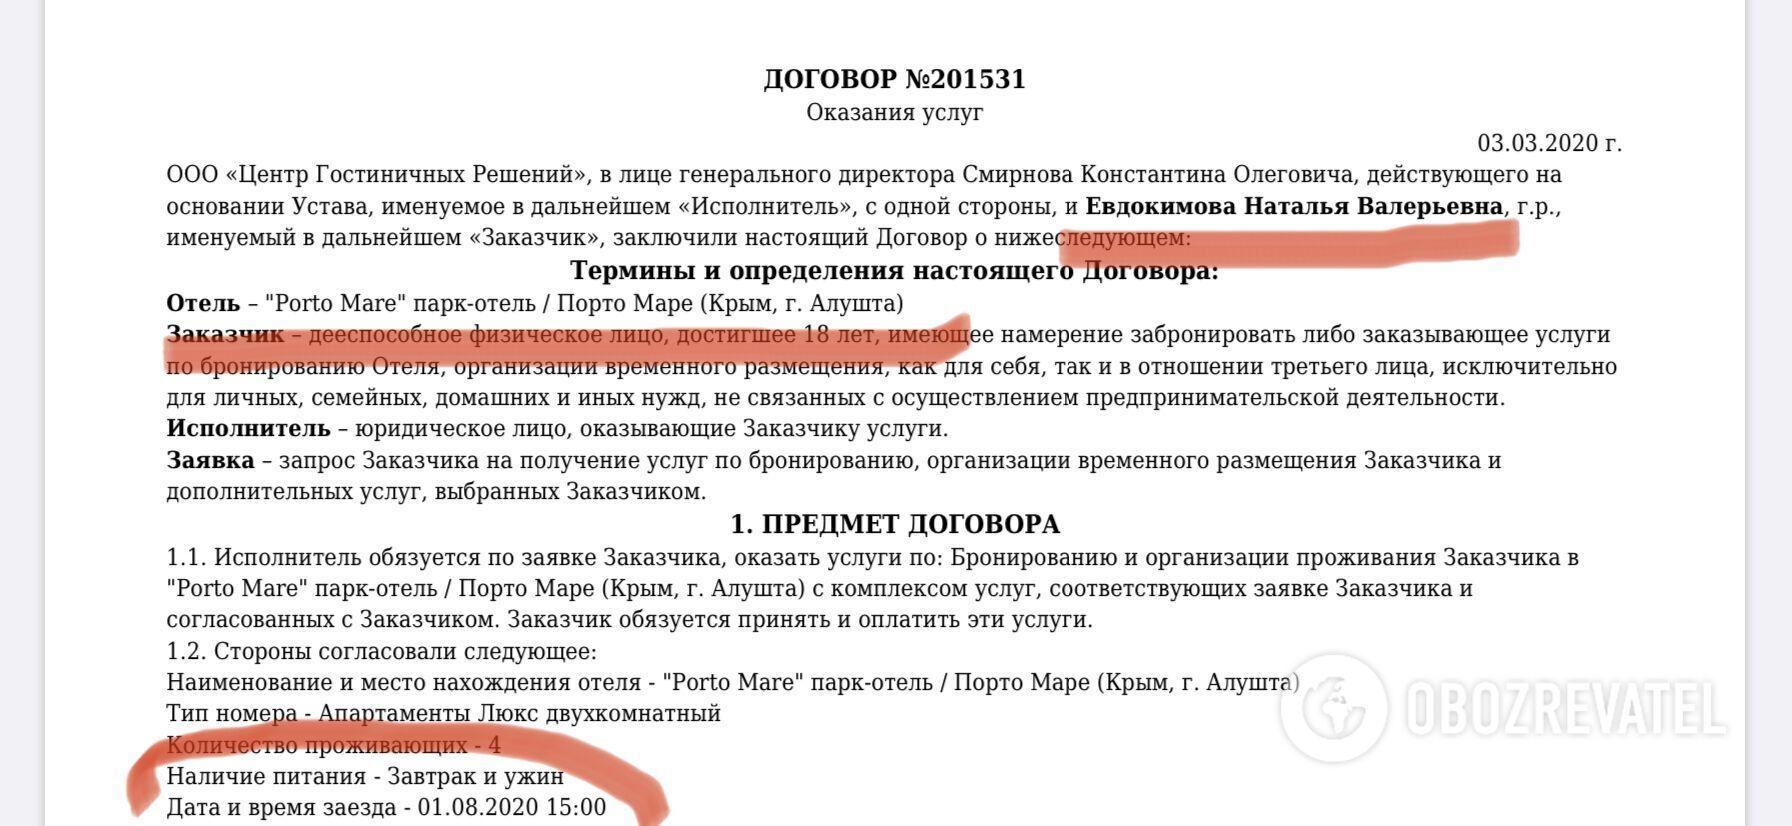 Відпочинок у Криму сім'ї Євдокимова